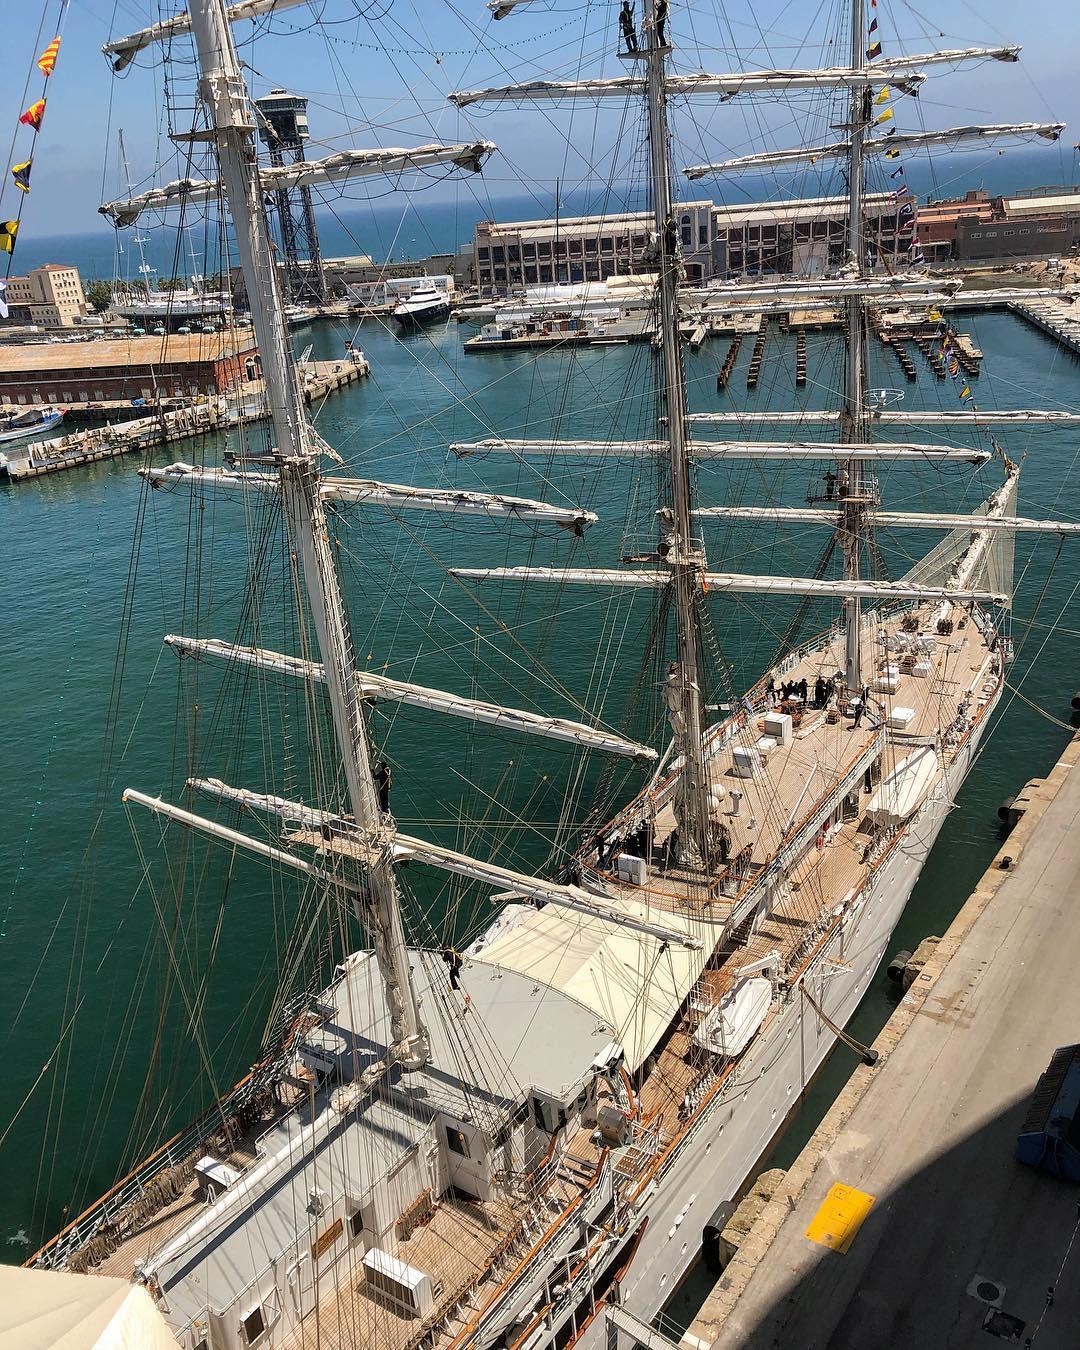 صور السفينة الشراعية الجزائرية  [ الملاح 938 ] - صفحة 11 41409122140_7e7418887c_o